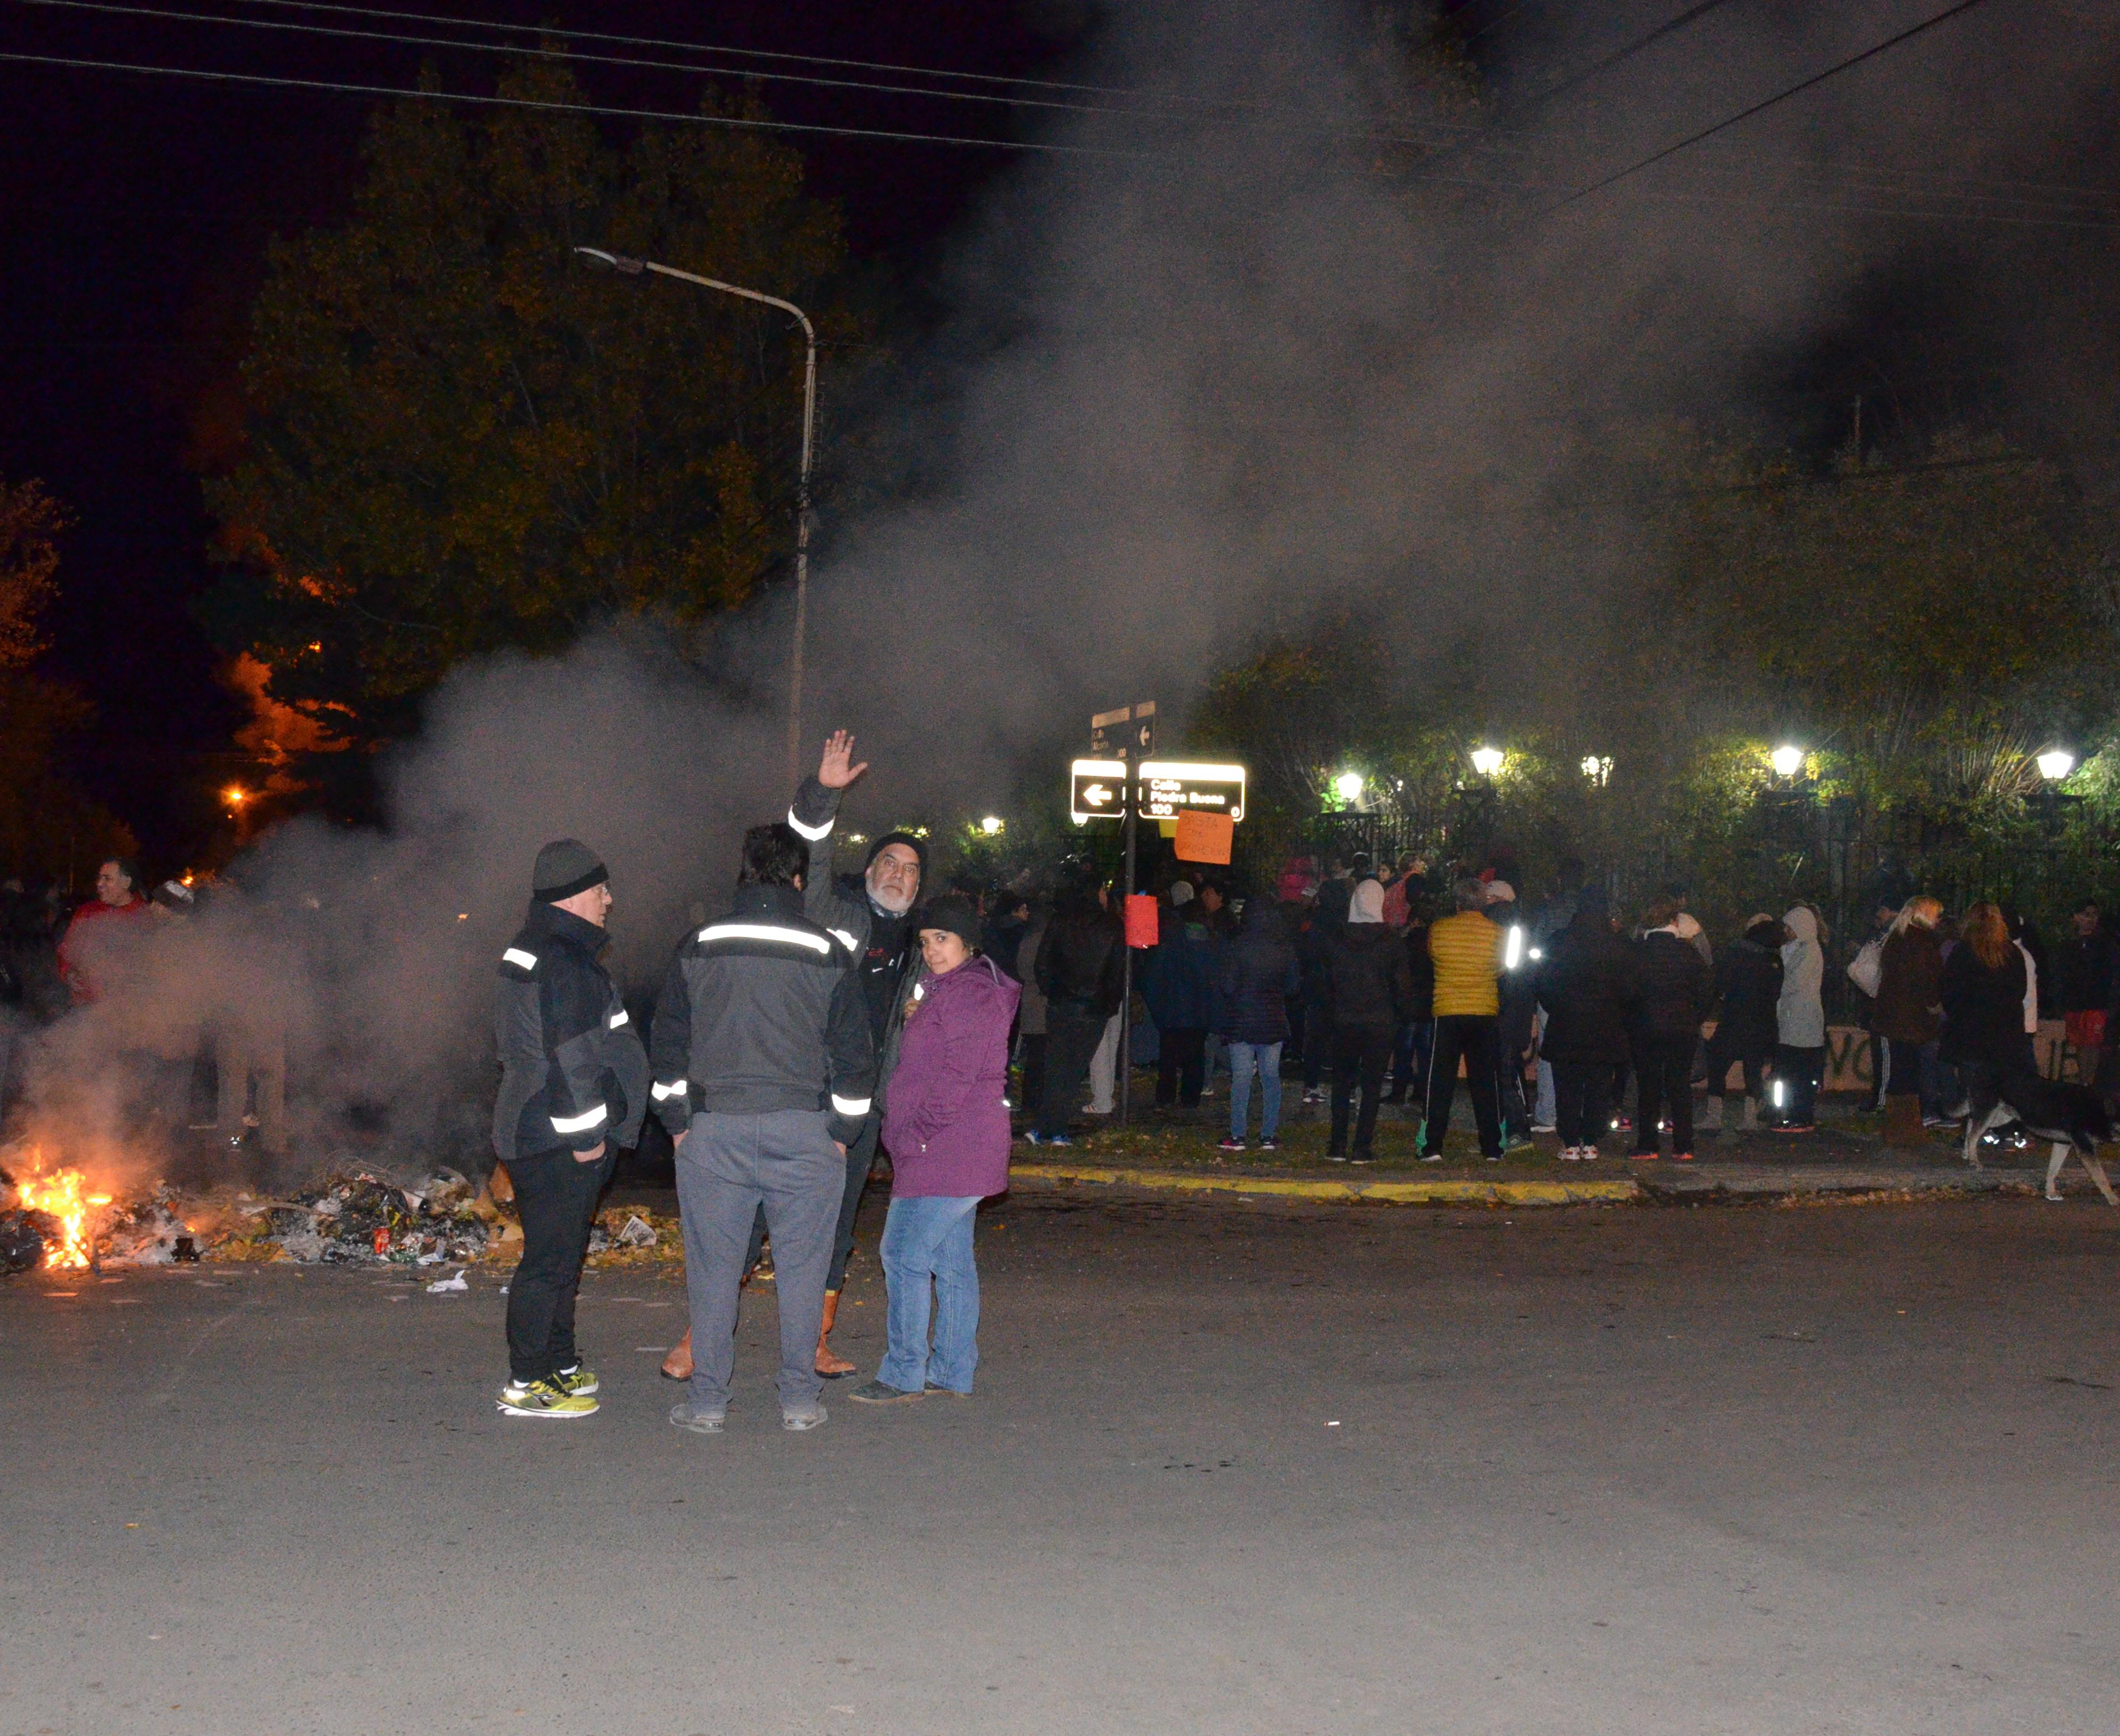 La noche del 20 de abril de 2017, la gente se agolpó en el portón.